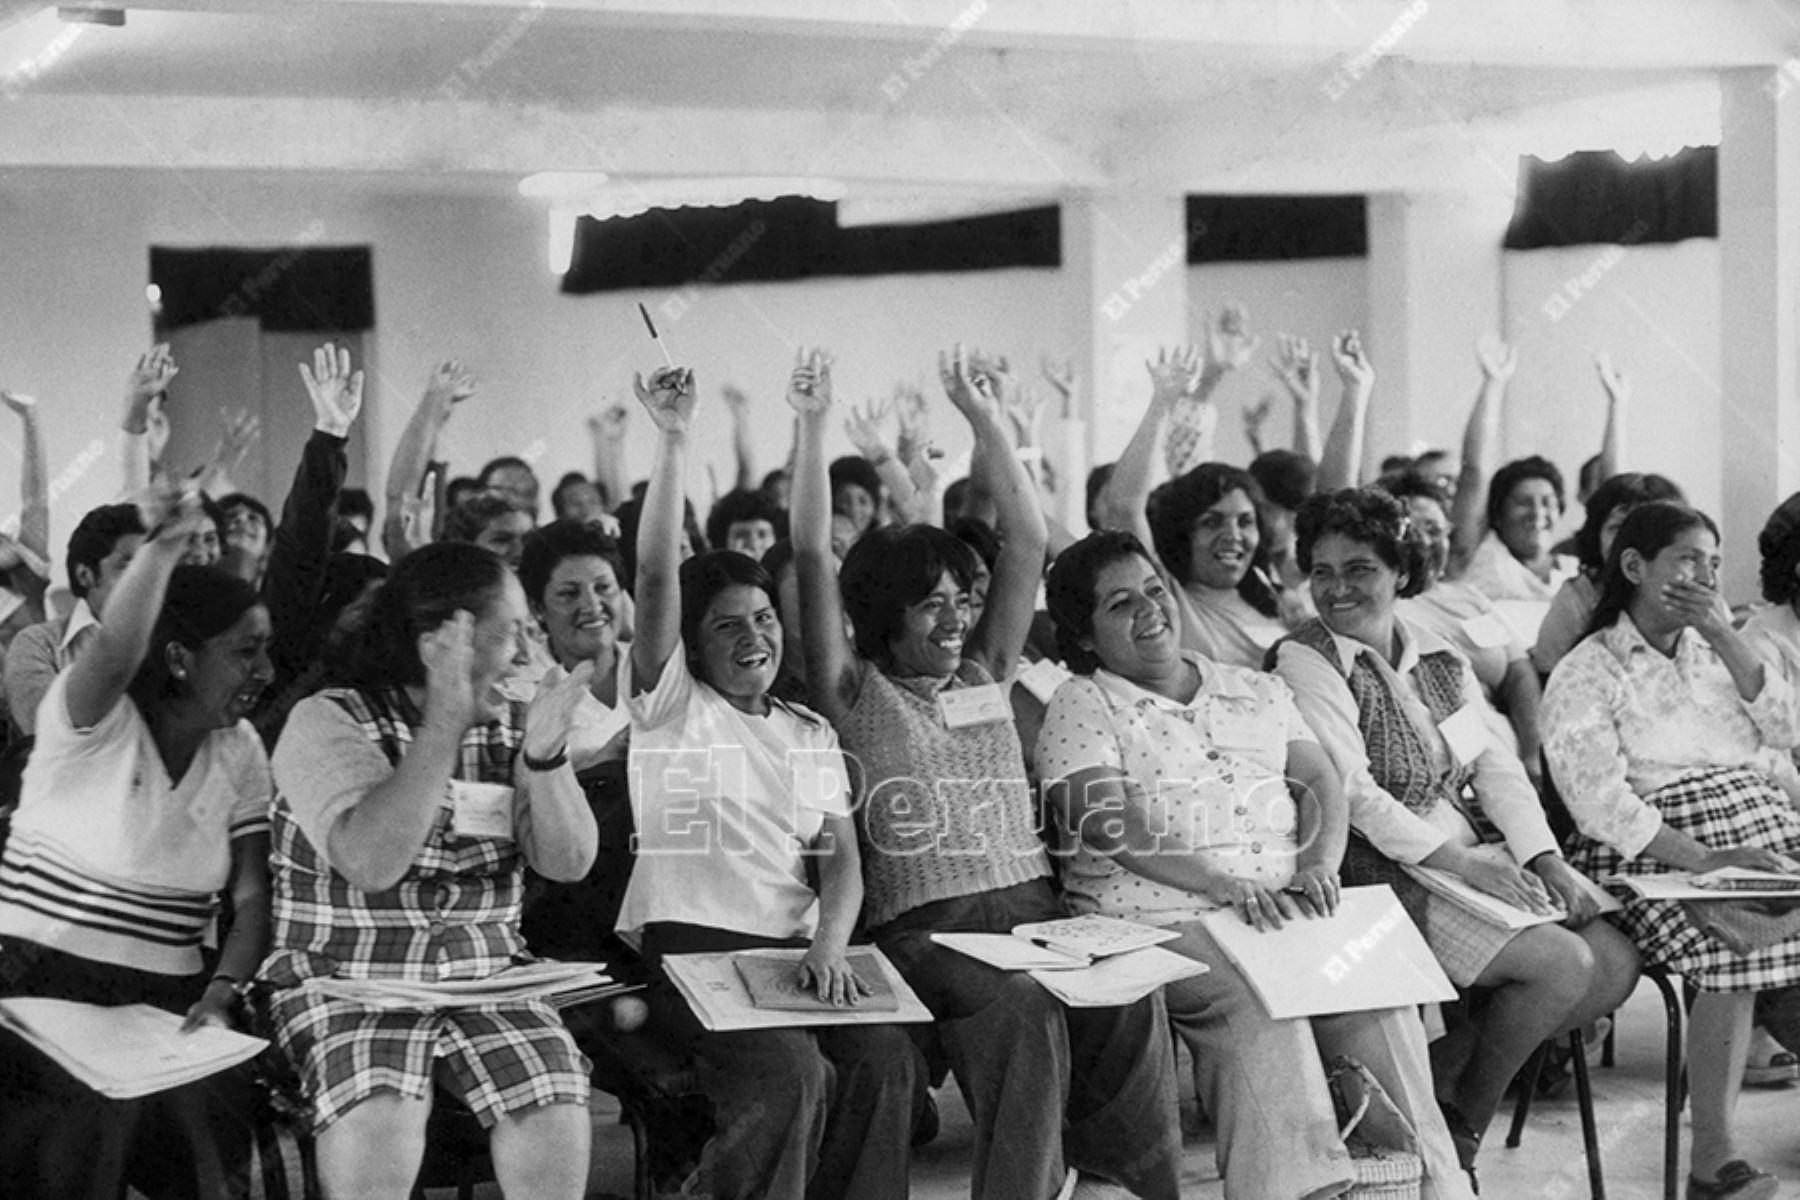 Lima - 4 mayo 1976 / La Junta de Asistencia Nacional (JAN) celebró por anticipado el Día de la Madre en la Primera Convención de Pueblos Jovenes de Lima y Callao. Foto: Archivo Histórico de El Peruano / José Risco